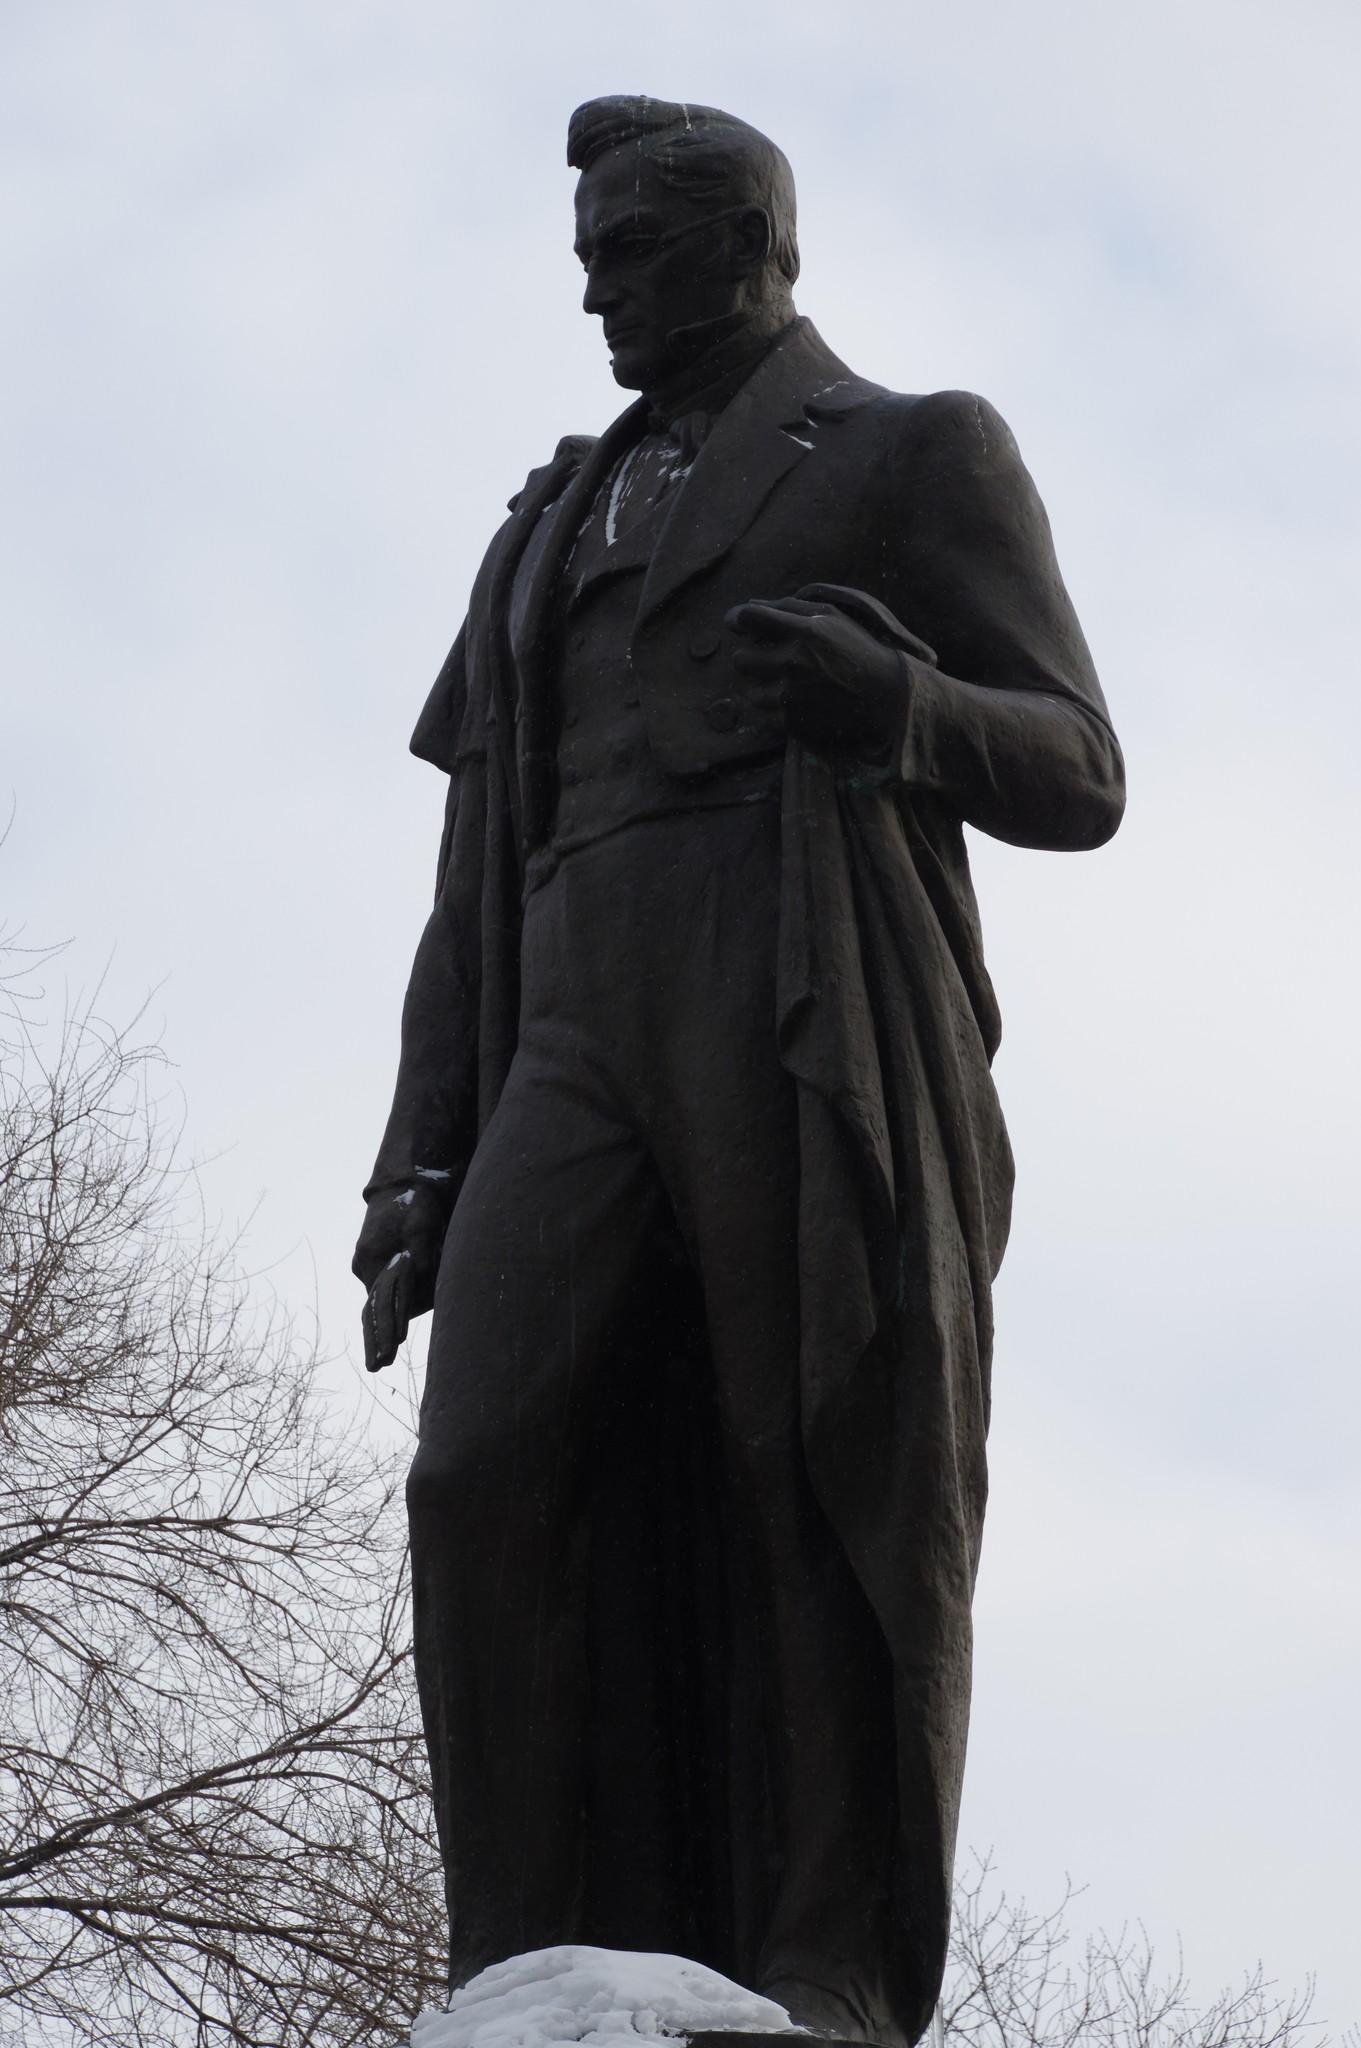 Памятник Александру Сергеевичу Грибоедову на Чистопрудном бульваре